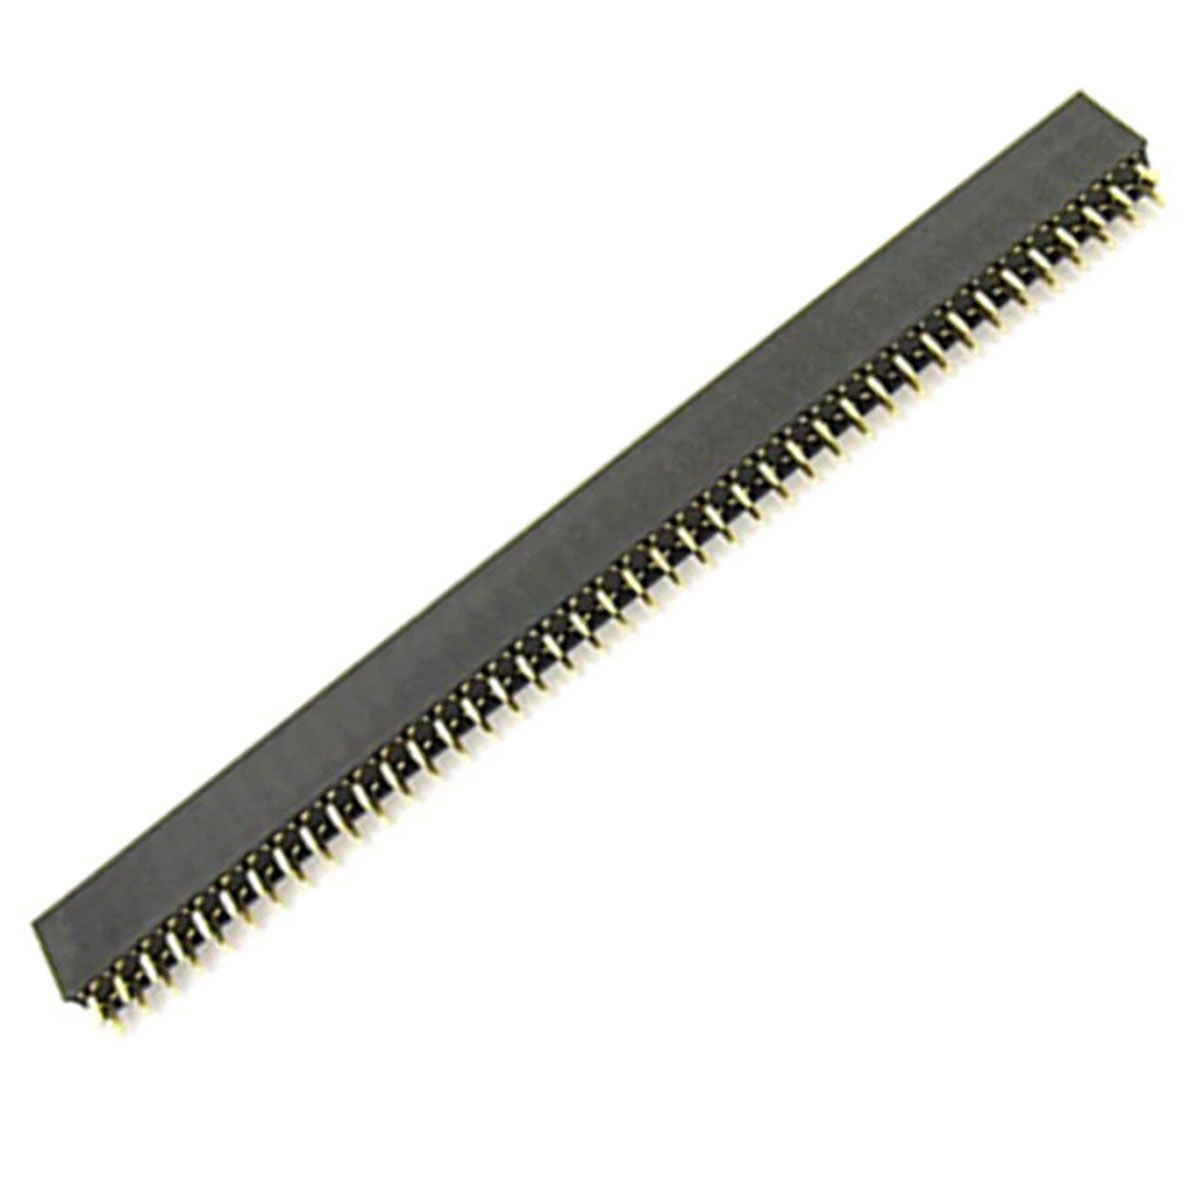 2x Barras / Conector com 40 Pin Head Duplo Fêmea Total de 80 PinHead